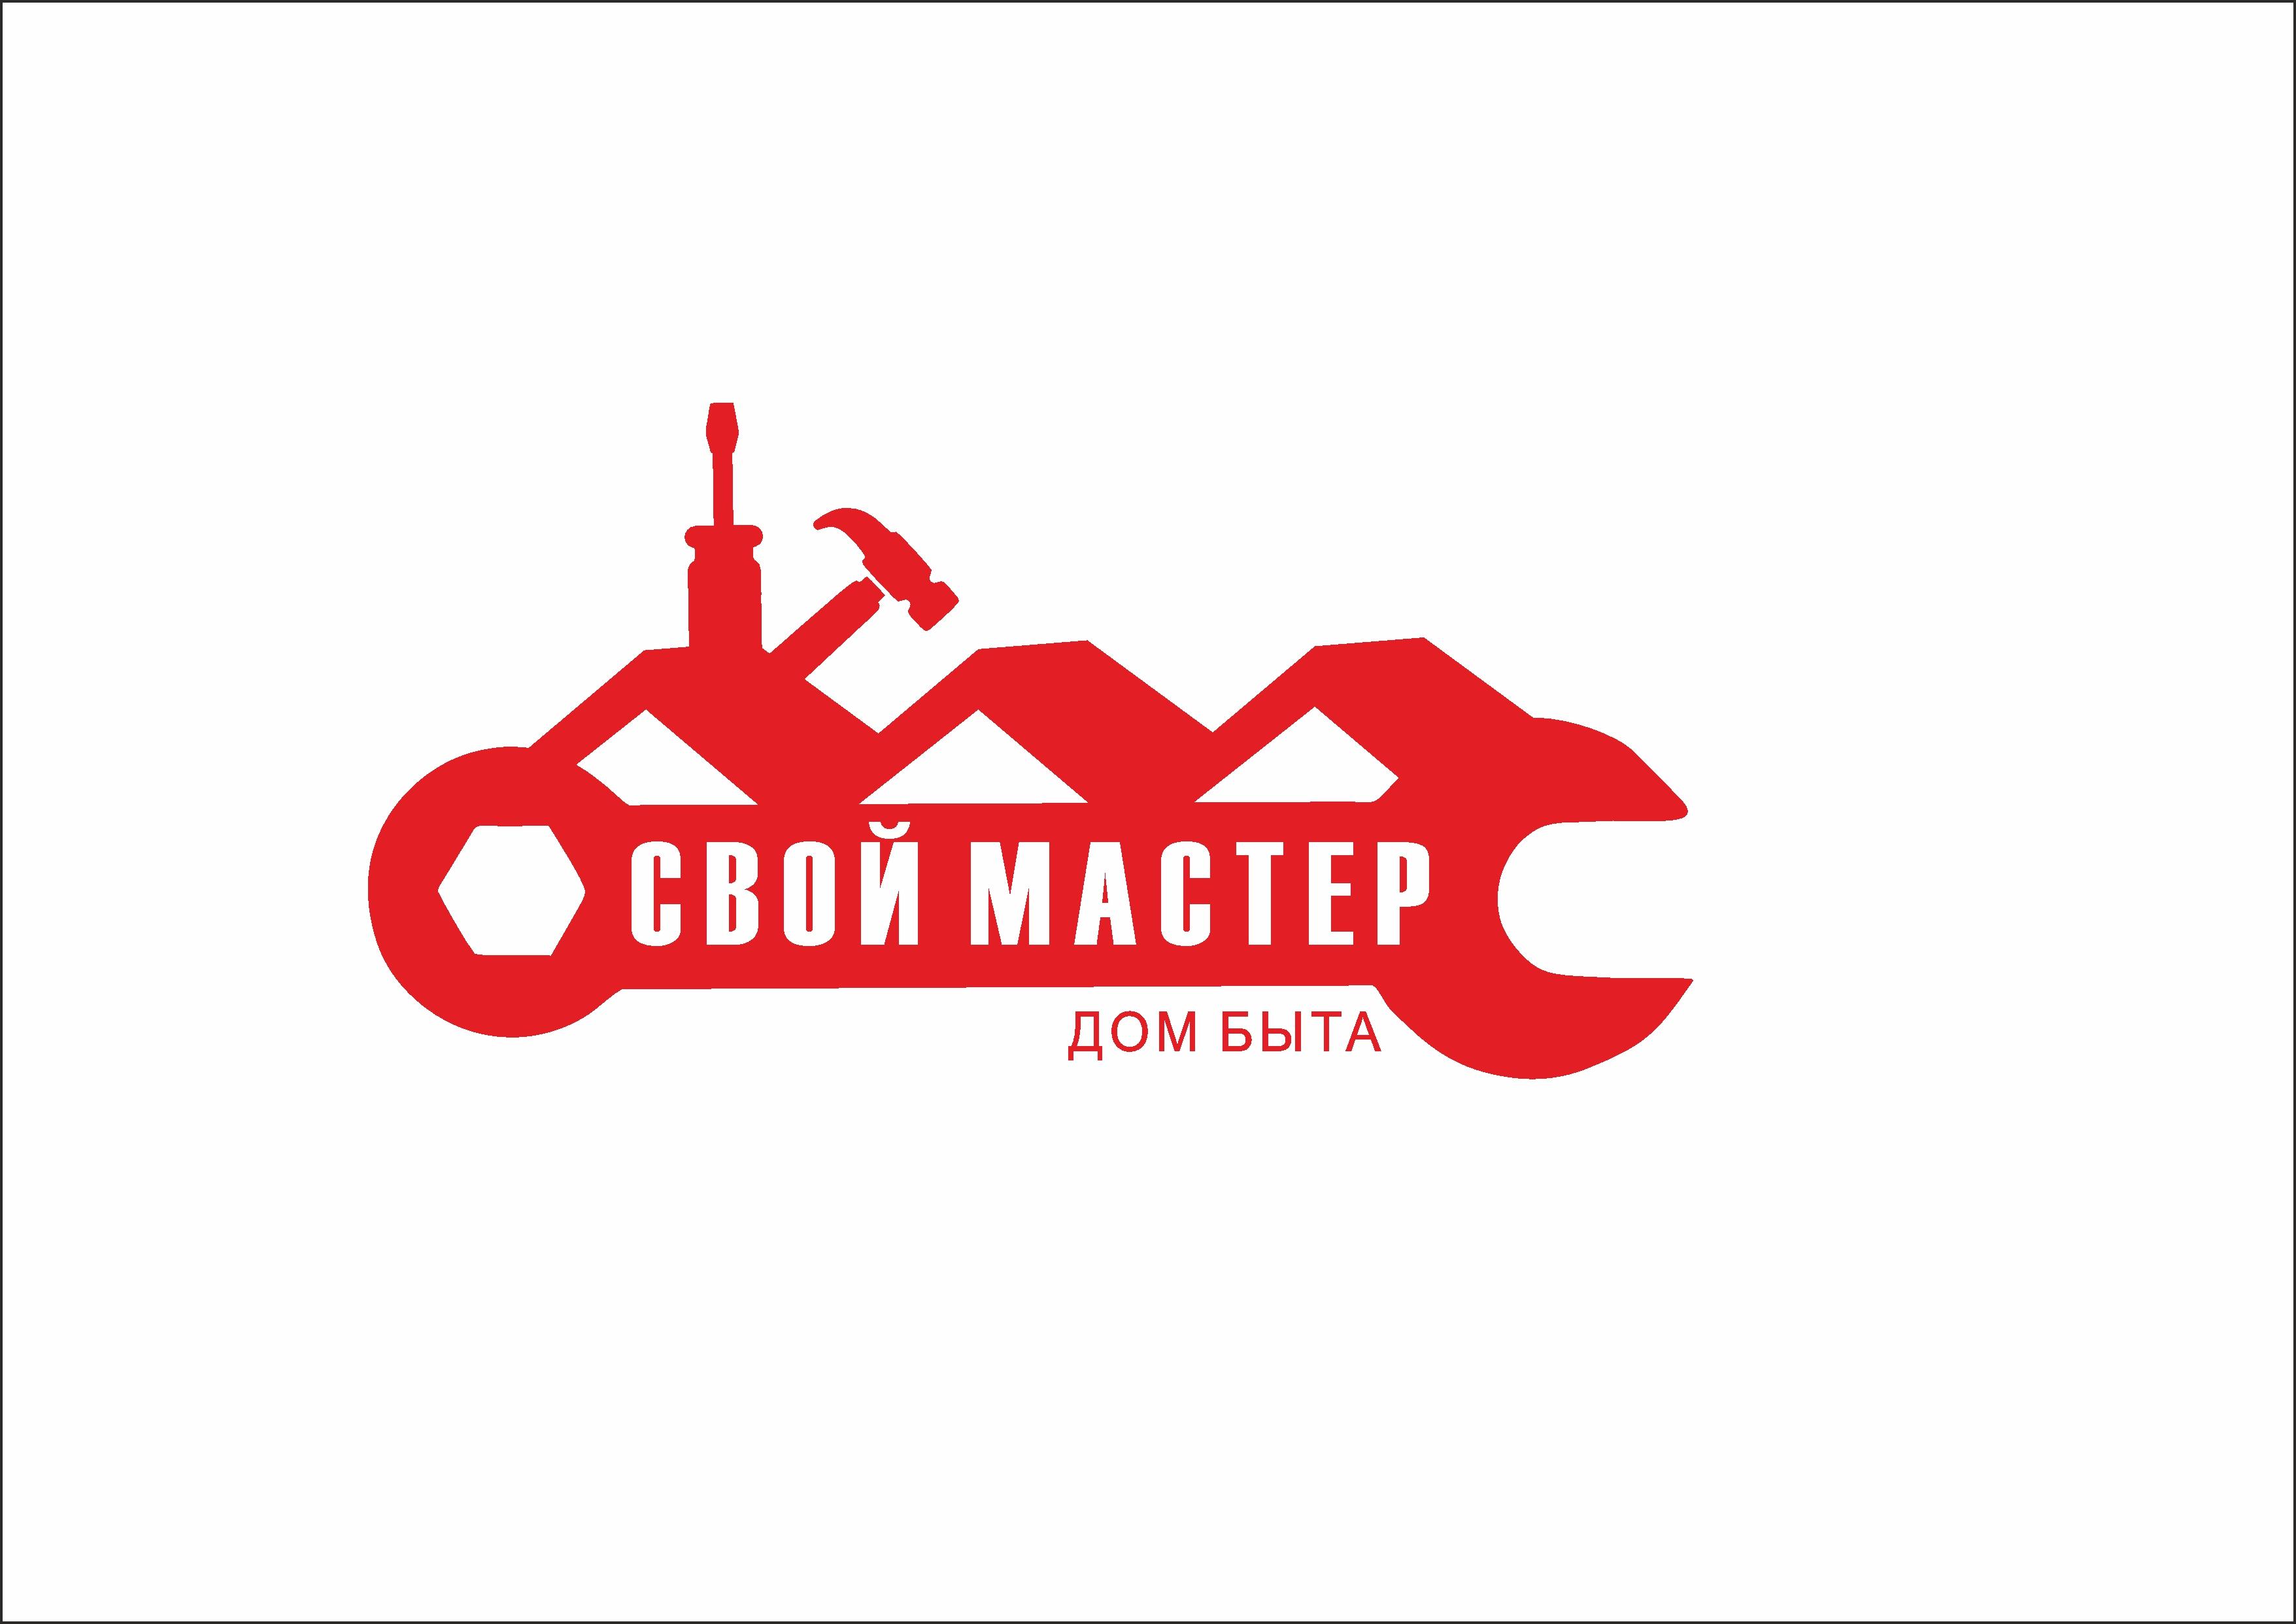 Логотип для сетевого ДОМ БЫТА фото f_4835d752c316de4a.jpg